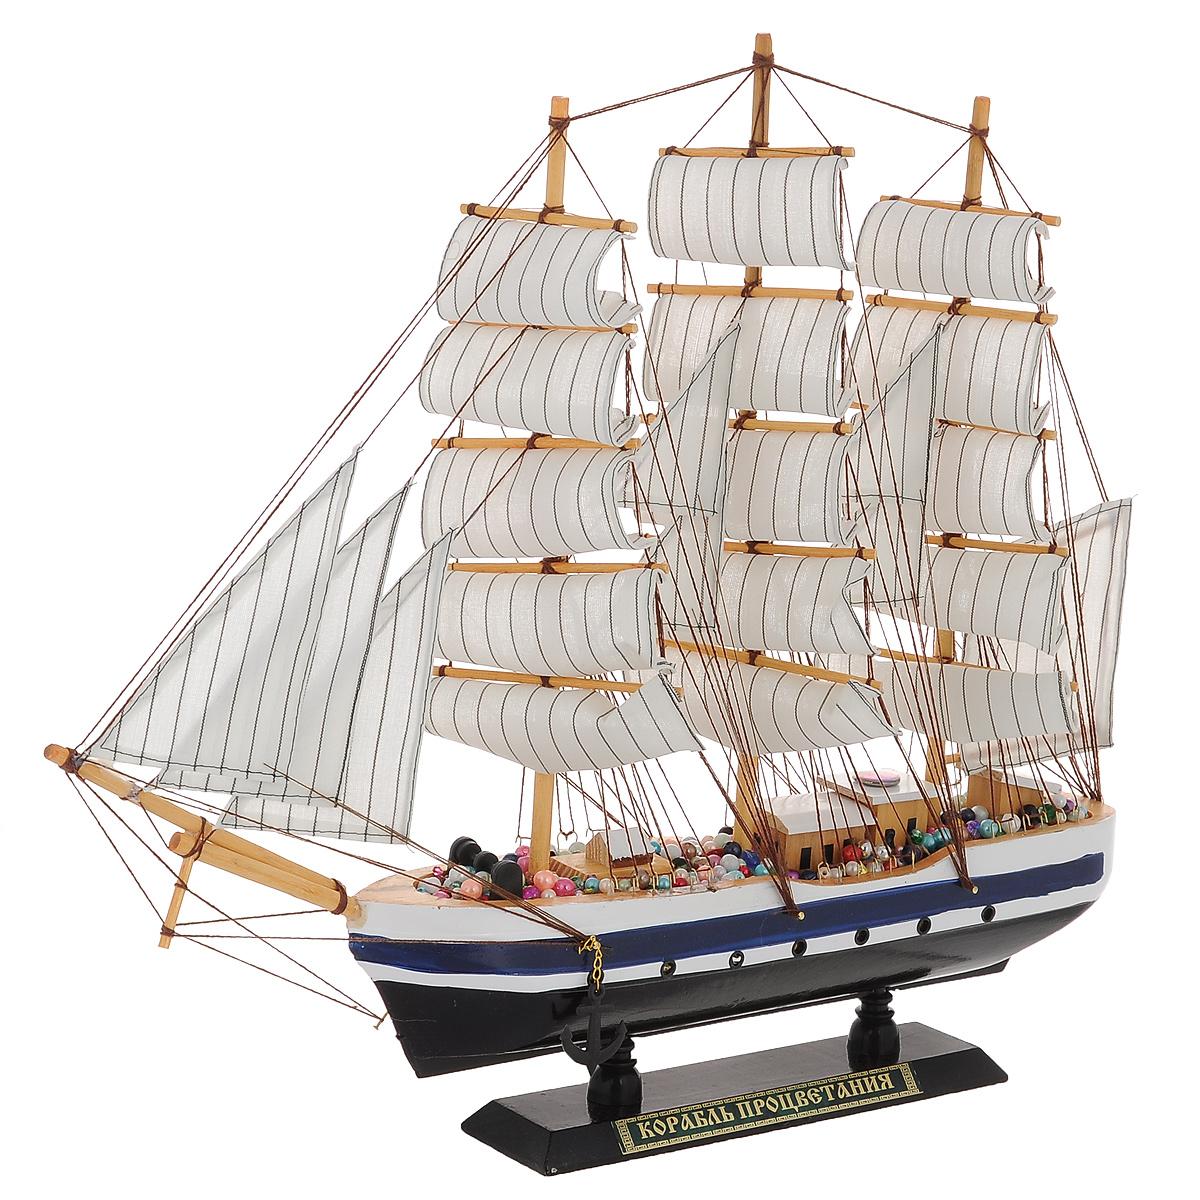 Корабль сувенирный Корабль процветания, длина 50 см549-187Сувенирный корабль Корабль процветания, изготовленный из дерева, металла и текстиля, это великолепный элемент декора рабочей зоны в офисе или кабинете. Корабль с парусами и якорями помещен на деревянную подставку. Палуба корабля украшена разноцветными бусинами. Время идет, и мы становимся свидетелями развития технического прогресса, новых учений и практик. Но одно не подвластно времени - это любовь человека к морю и кораблям. Сувенирный корабль наполнен историей и силой океанских вод. Данная модель кораблика станет отличным подарком для всех любителей морей, поклонников историй о покорении океанов и неизведанных земель. Модель корабля - подарок со смыслом. Издавна на Руси считалось, что корабли приносят удачу и везение. Поэтому их изображения, фигурки и точные копии всегда присутствовали в помещениях. Удивите себя и своих близких необычным презентом.Размер корабля (с учетом подставки): 50 см х 11 см х 44 см.